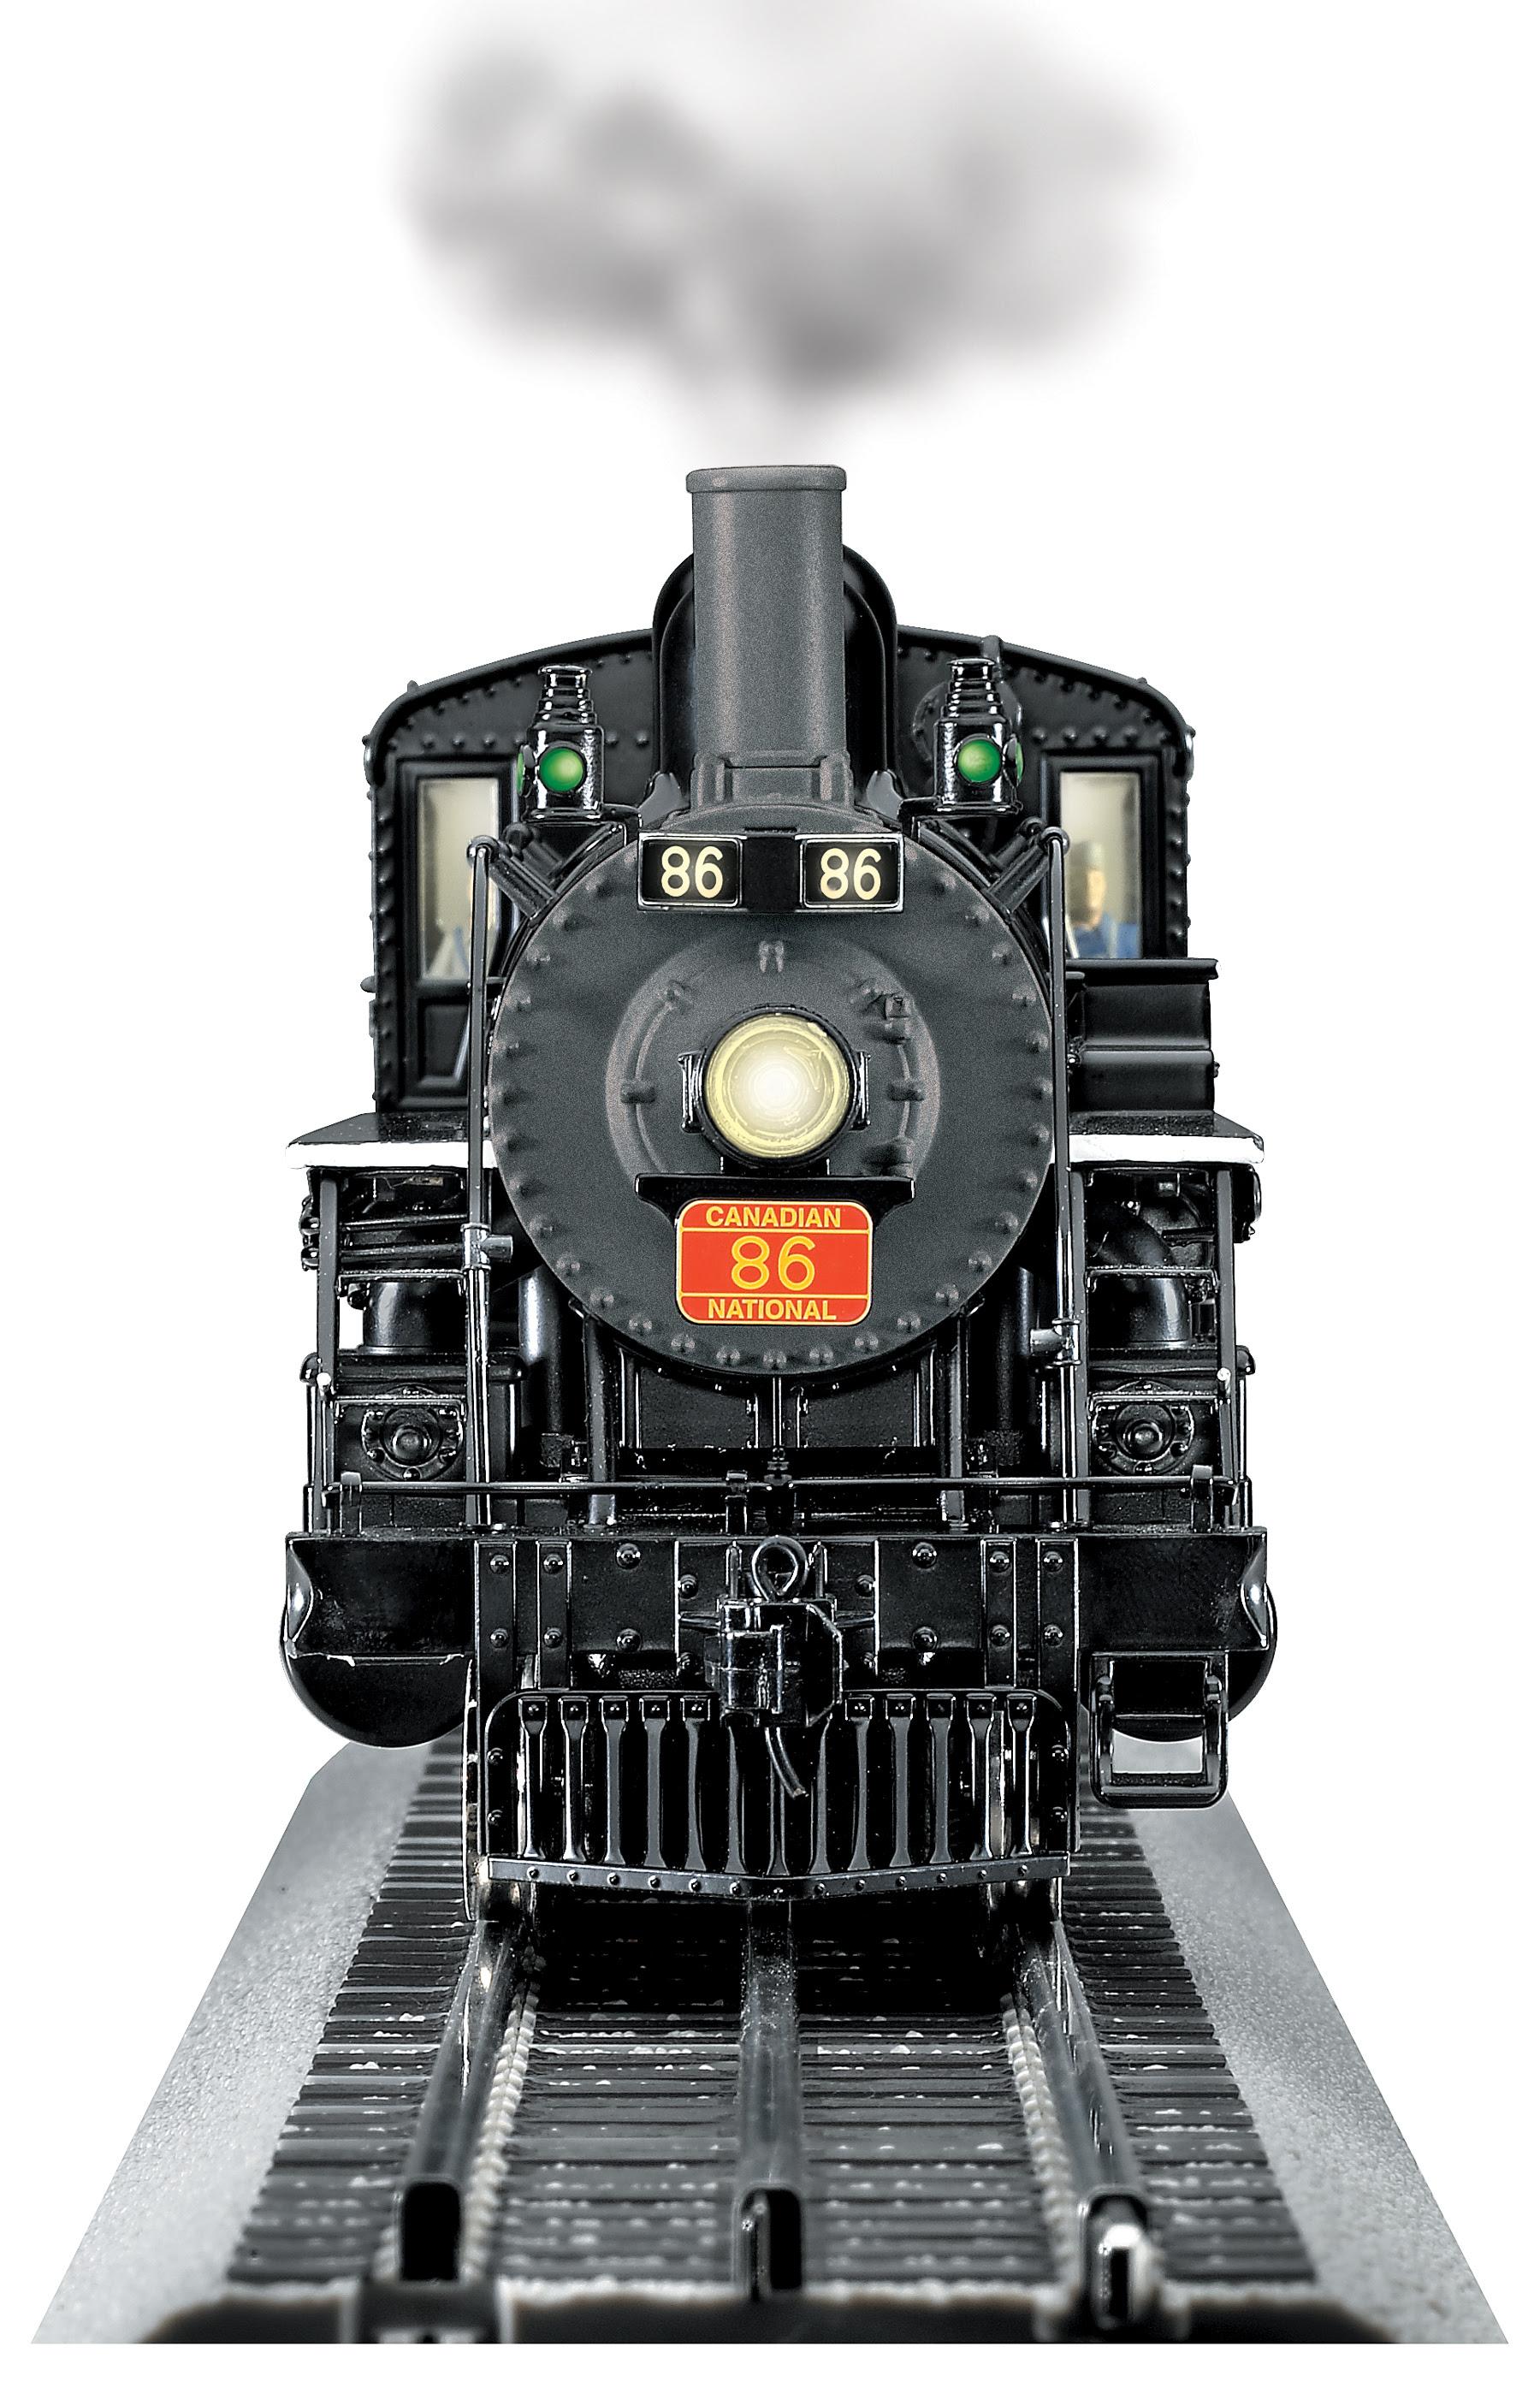 Lionel Engine Wiring Diagram